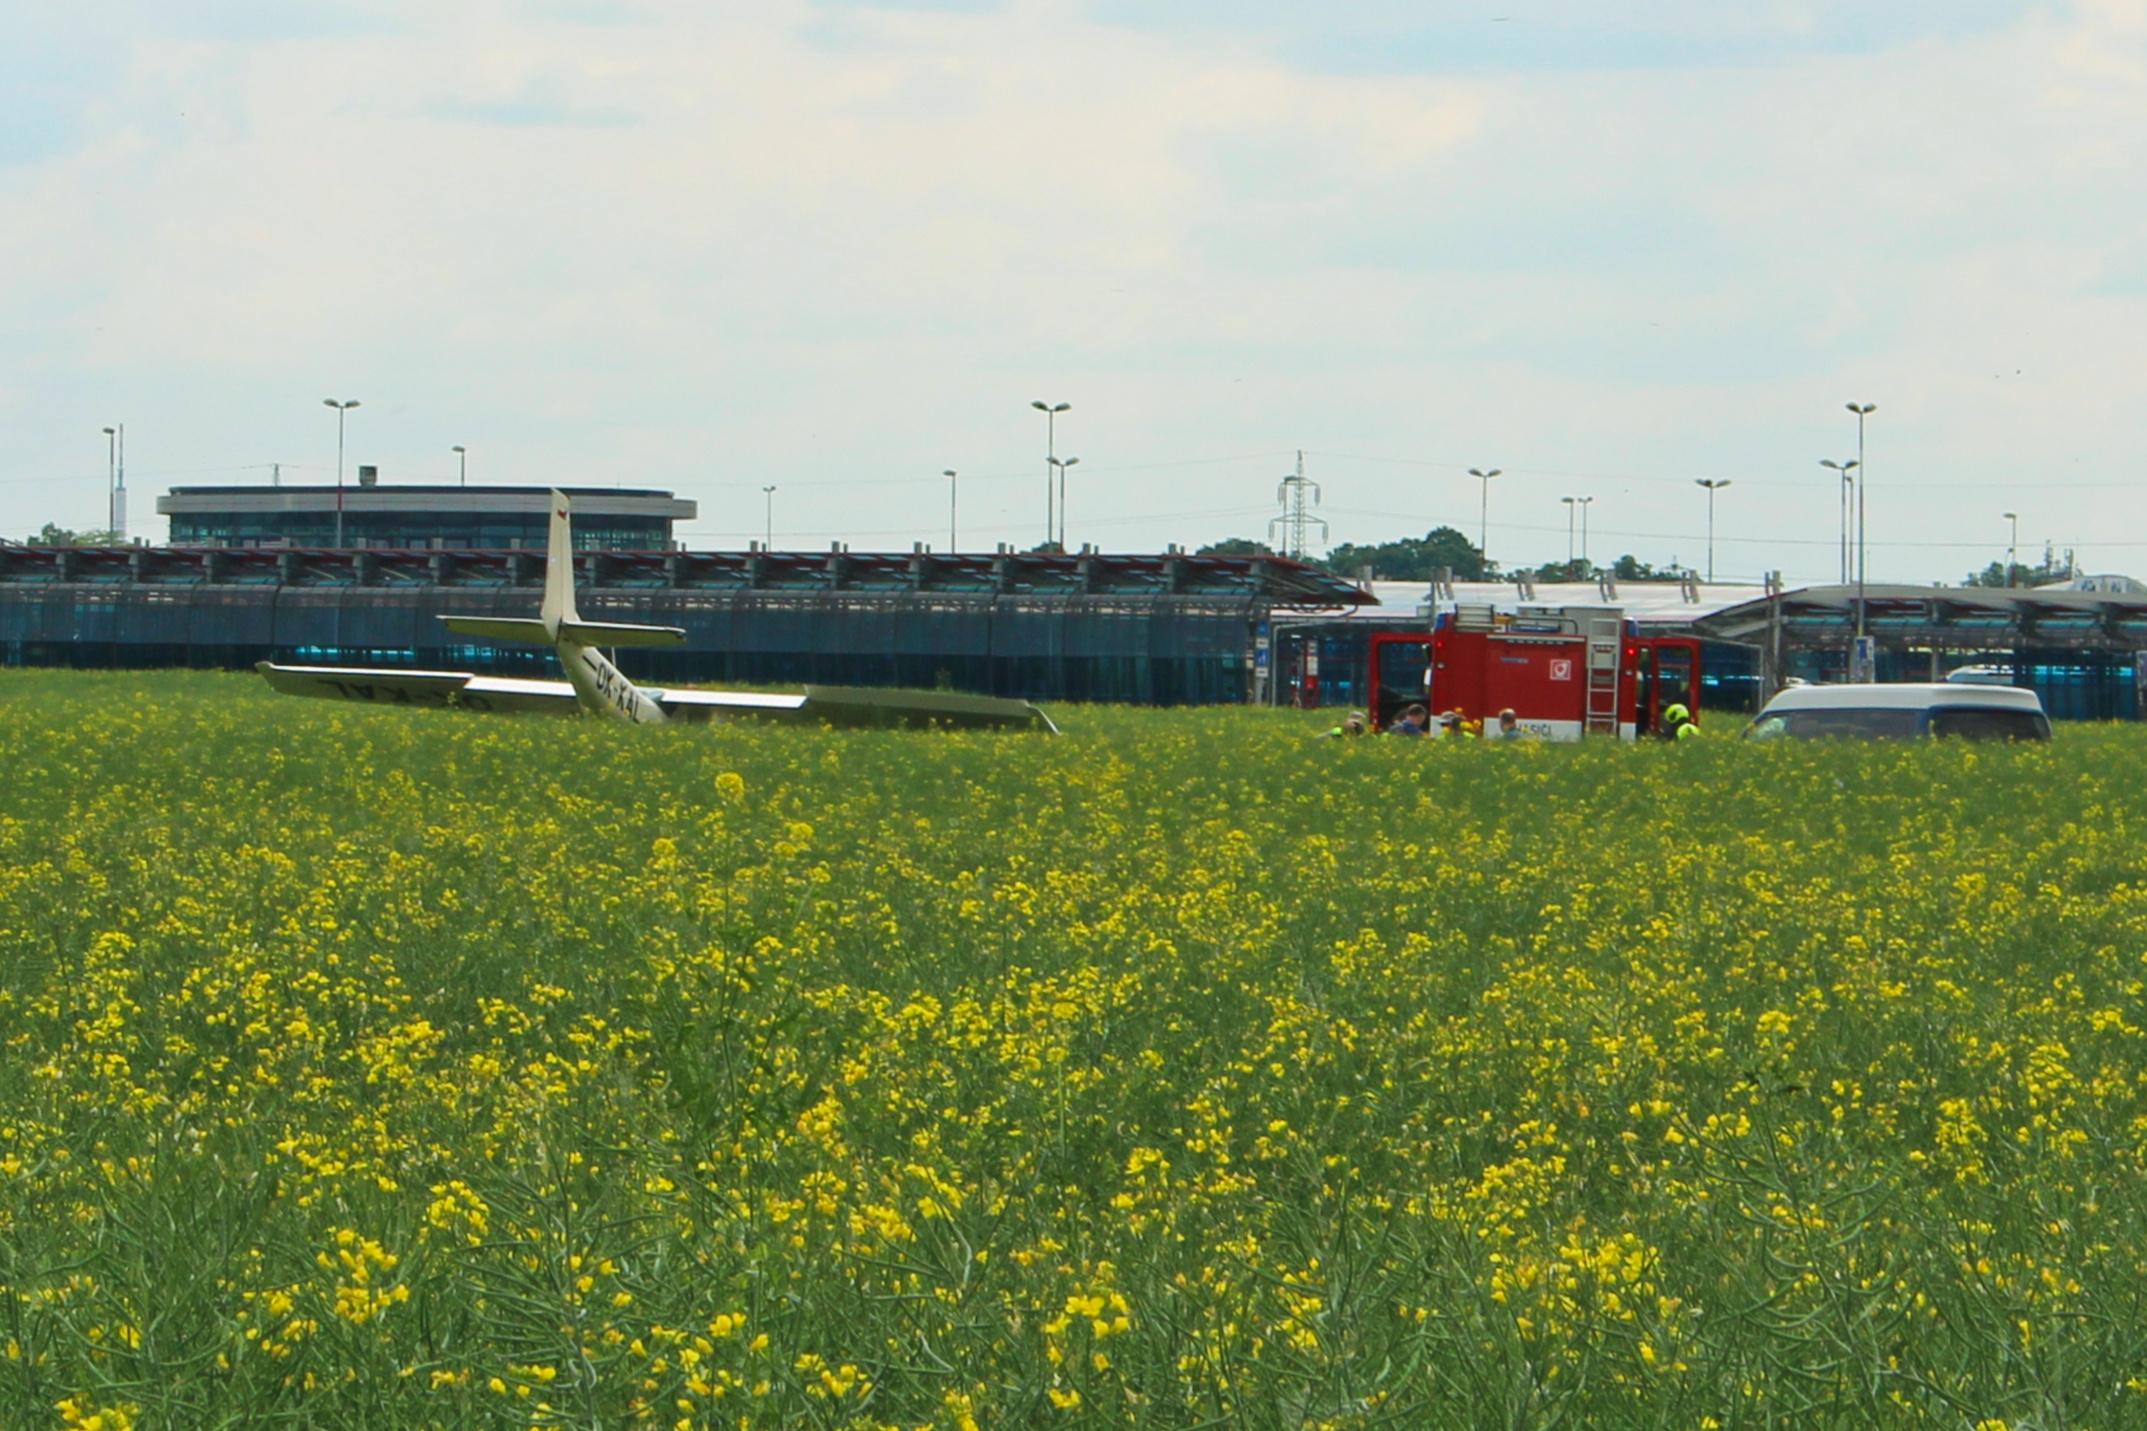 V Letňanech havarovala krátce po vzletu Cessna 152, pilot se zranil